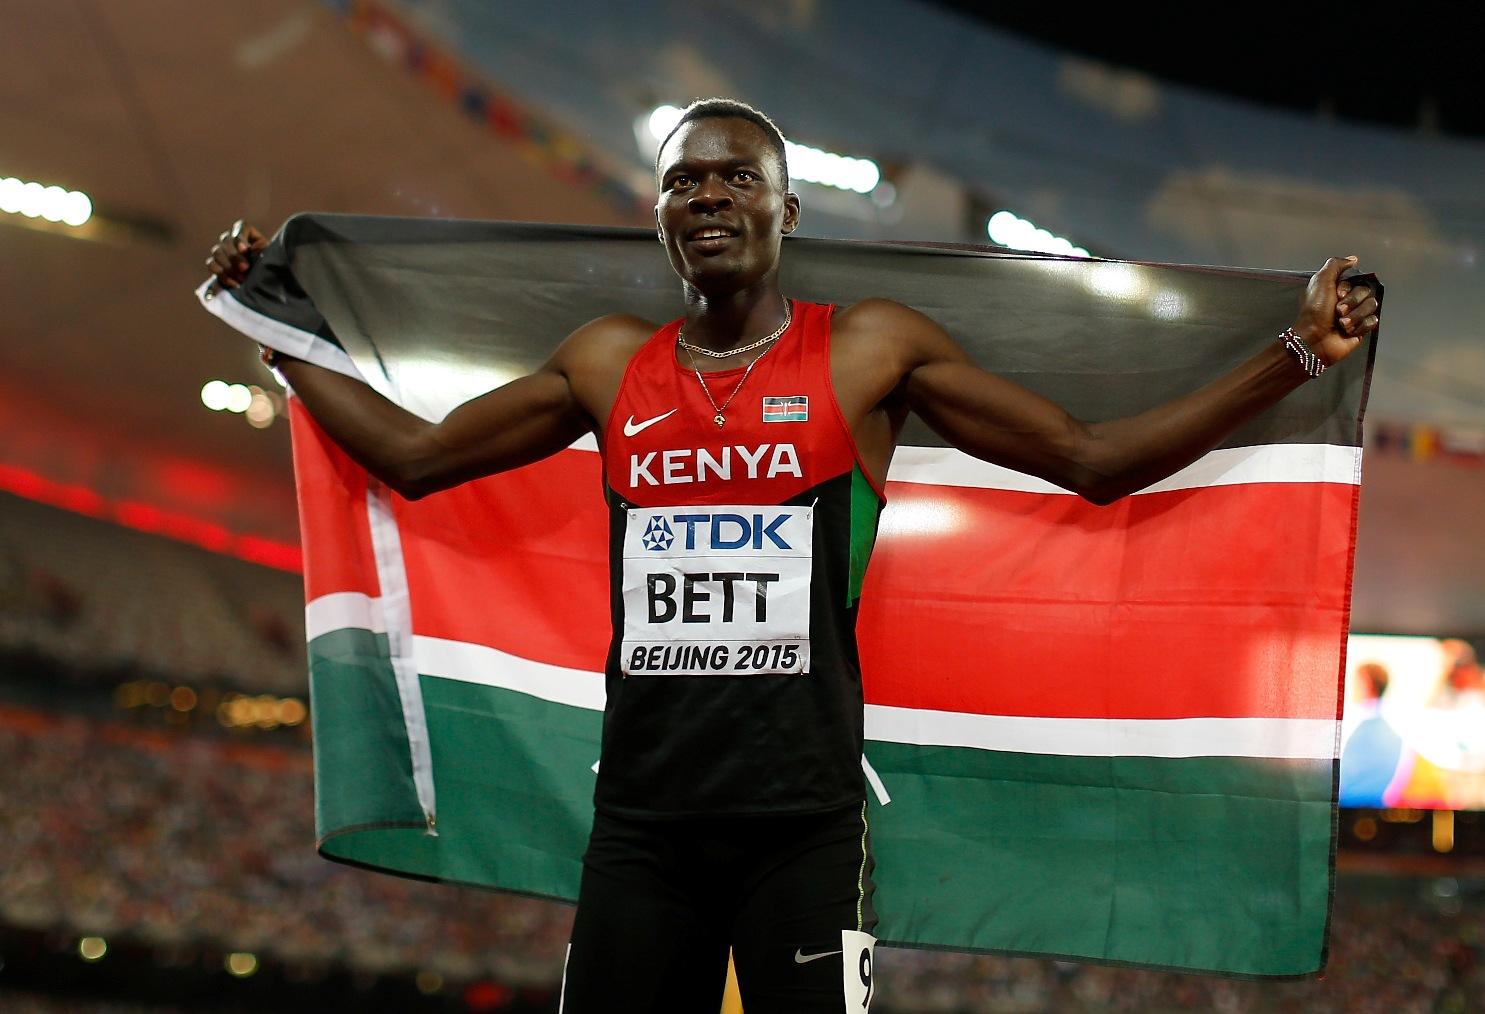 L'incroyable victoire de Nicholas Bett sur le 400 m haies